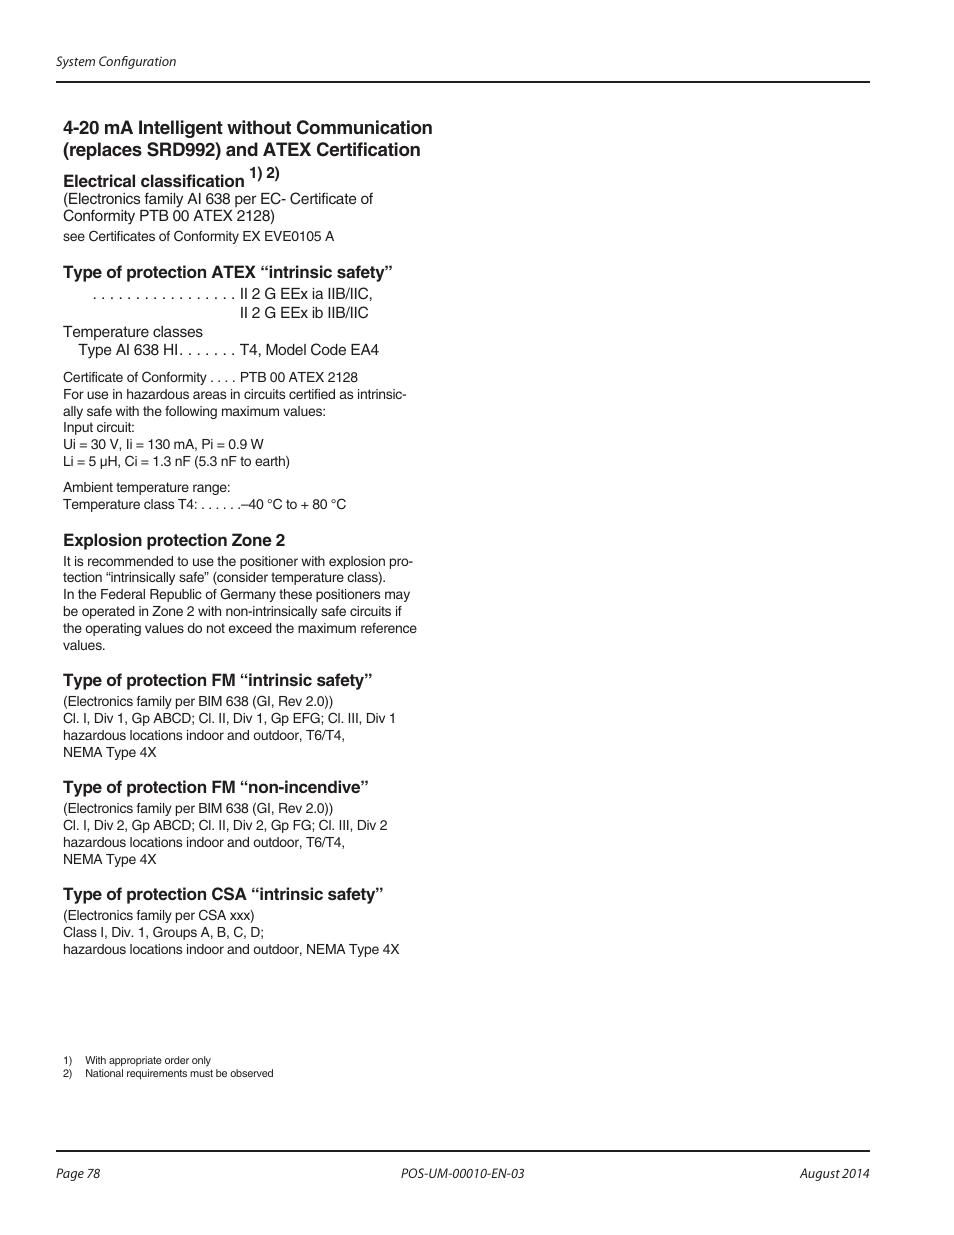 Badger Meter SRD/SRI Valve Positioners User Manual | Page 78